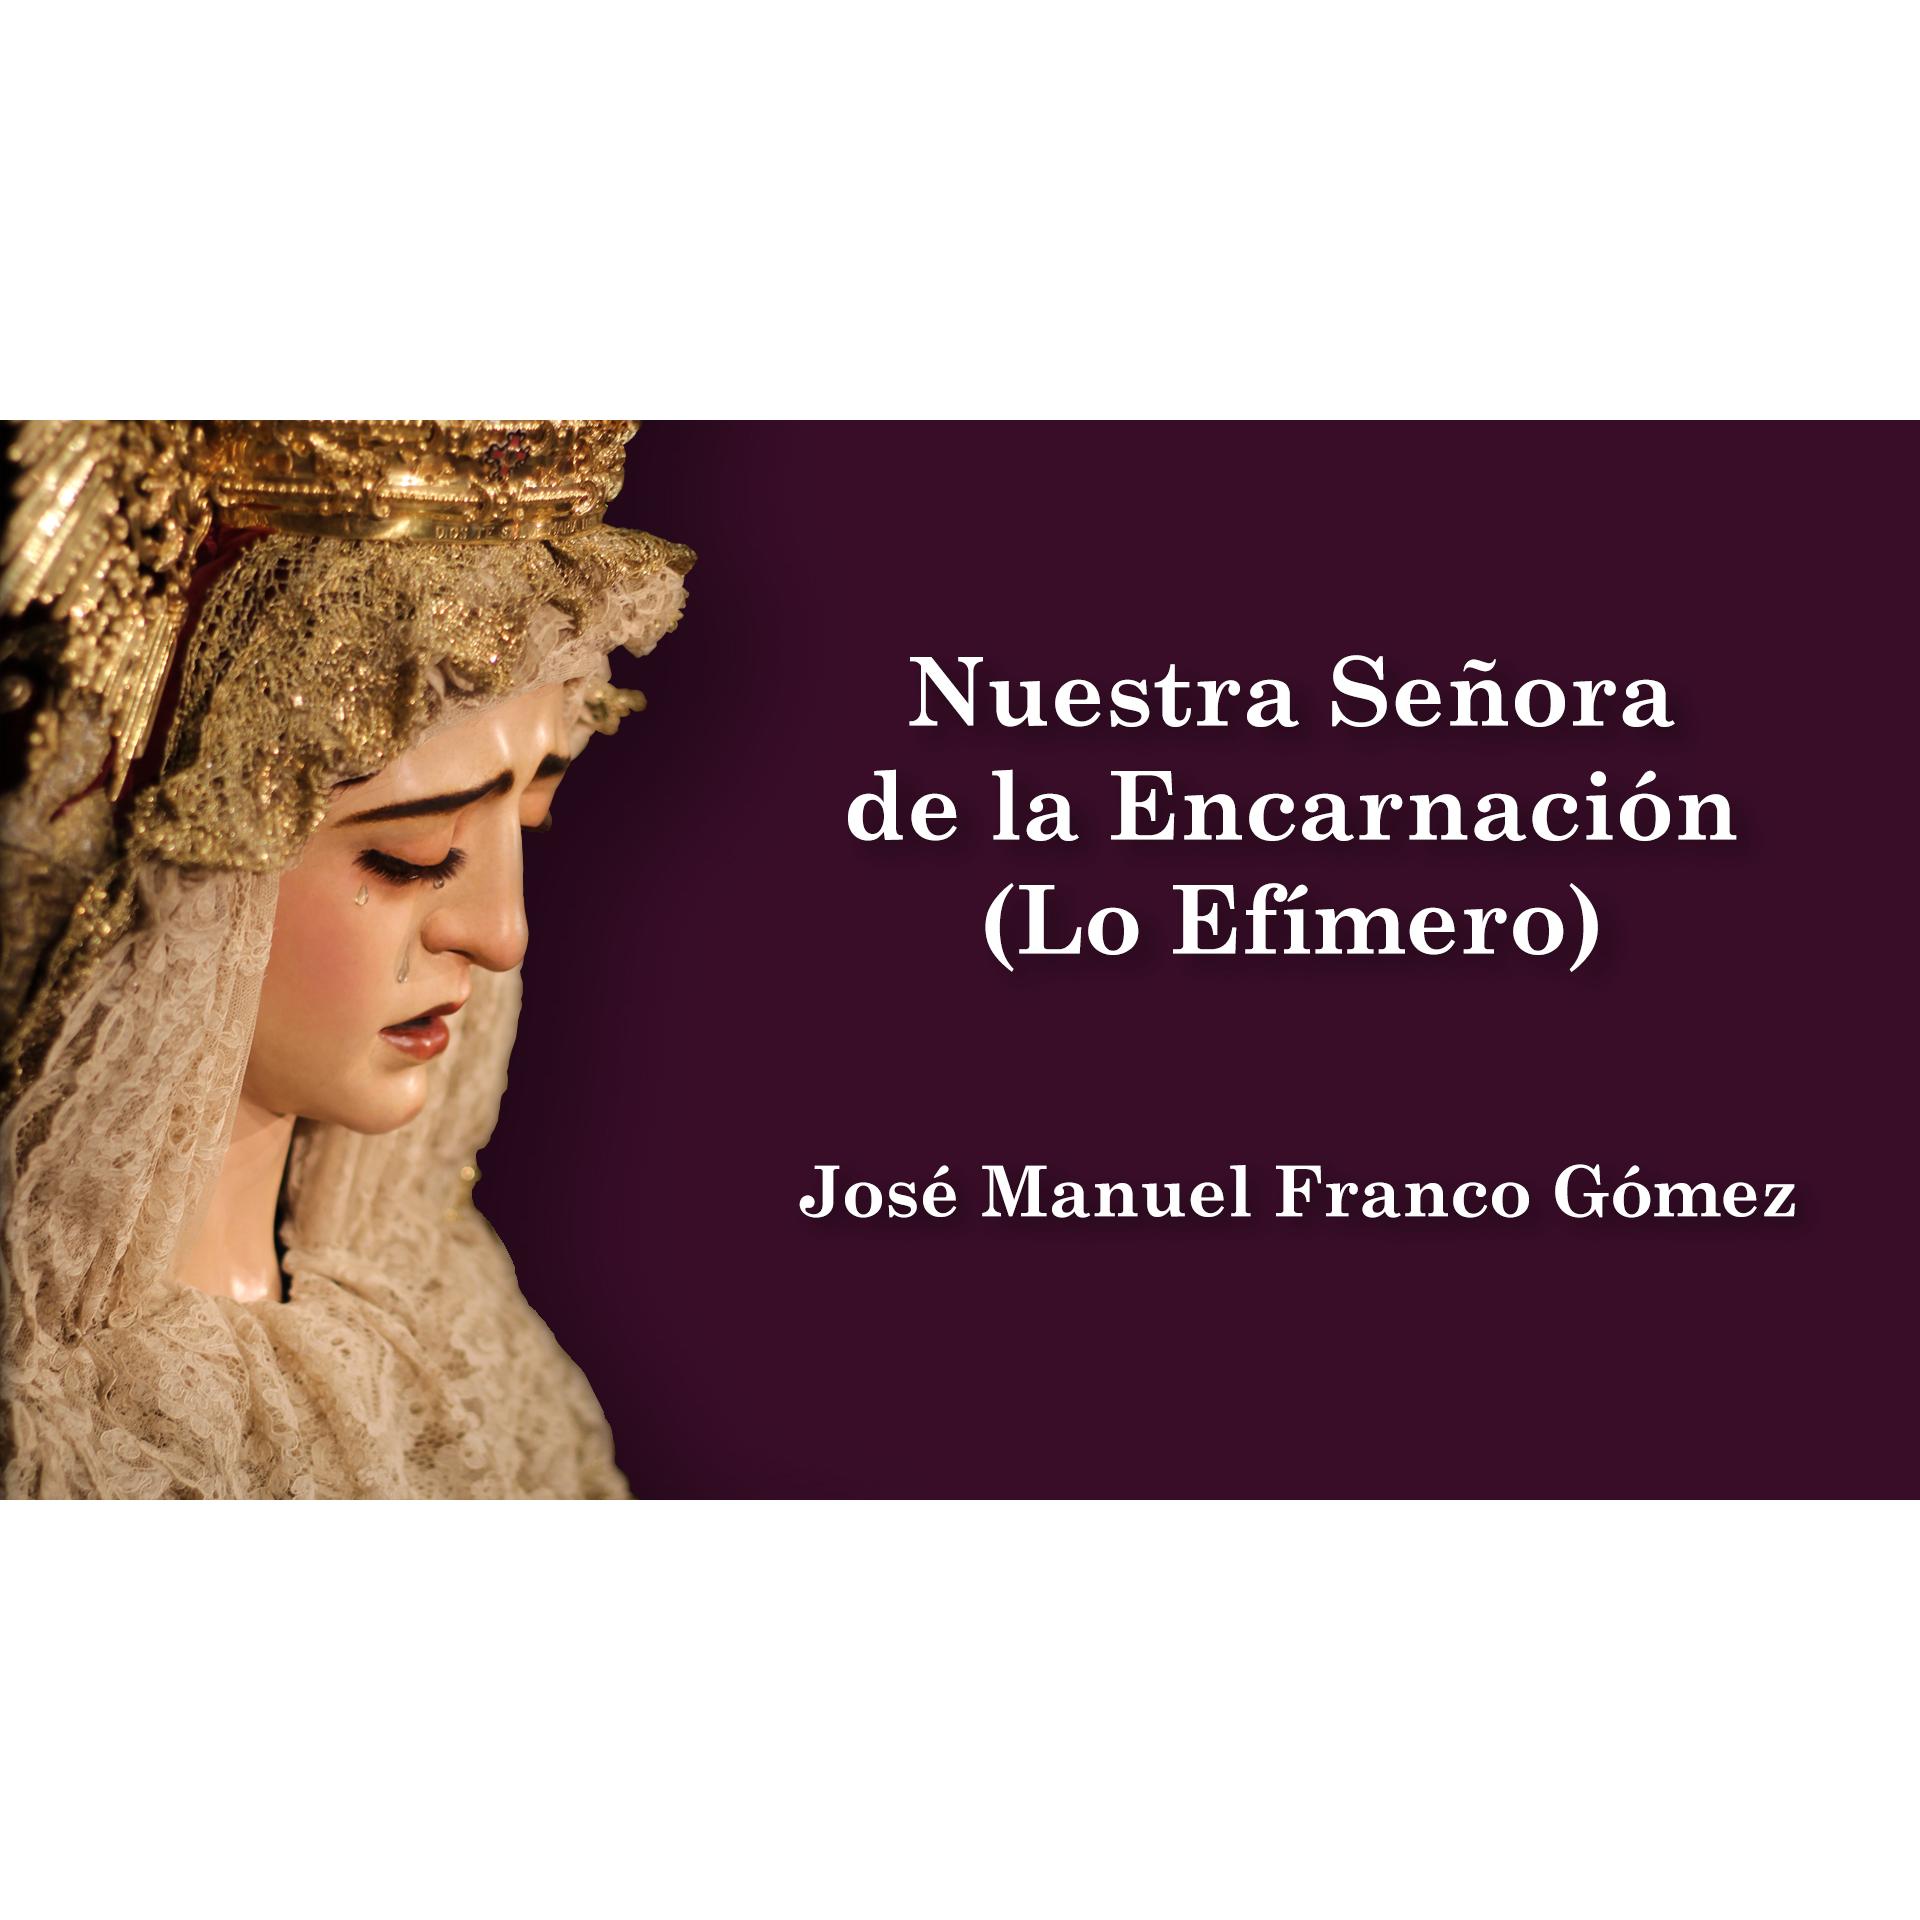 Nuestra Señora de la Encarnación (Lo Efímero)